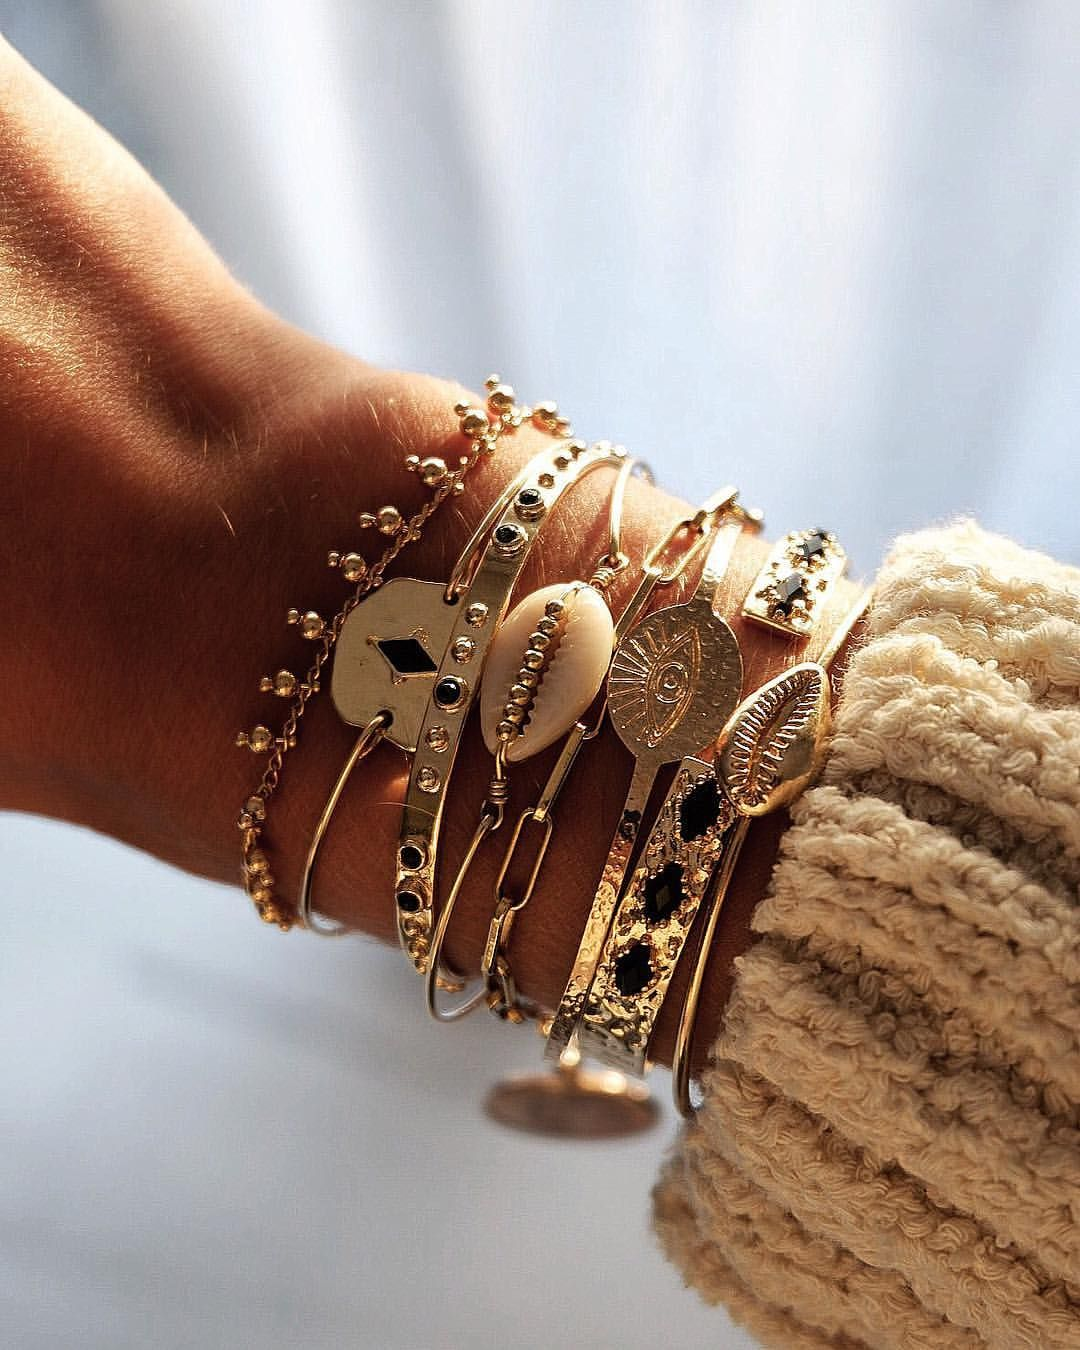 BRACELETS • Sunset ???? Bracelets dispo sur www.tha-maka.com #photooftheday #love #bijoux #bracelets #jewelry #bijou #jewels #bracelet #ootd #fall #thamaka #ootd